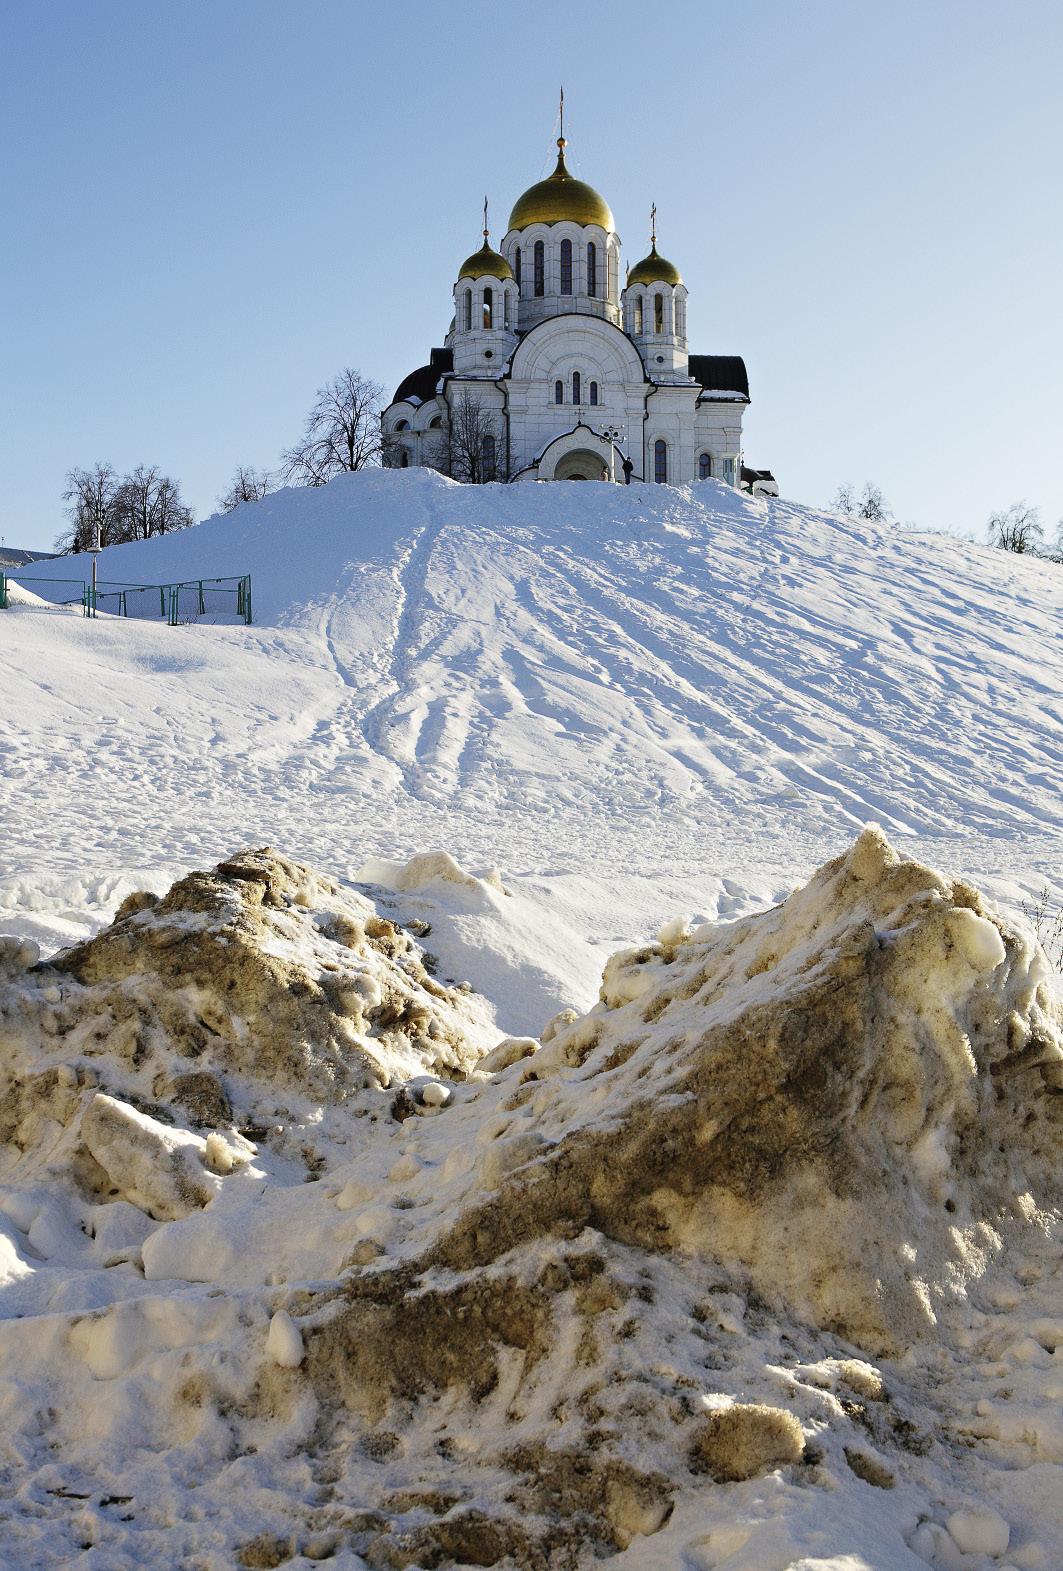 Самарские службы ЖКХ снег с дорог не вывозят, а складируют его по бокам дорог. В результате этой зимой снежные бордюры высотой в полтора-два с половиной метра украшали даже главные достопримечательности города.